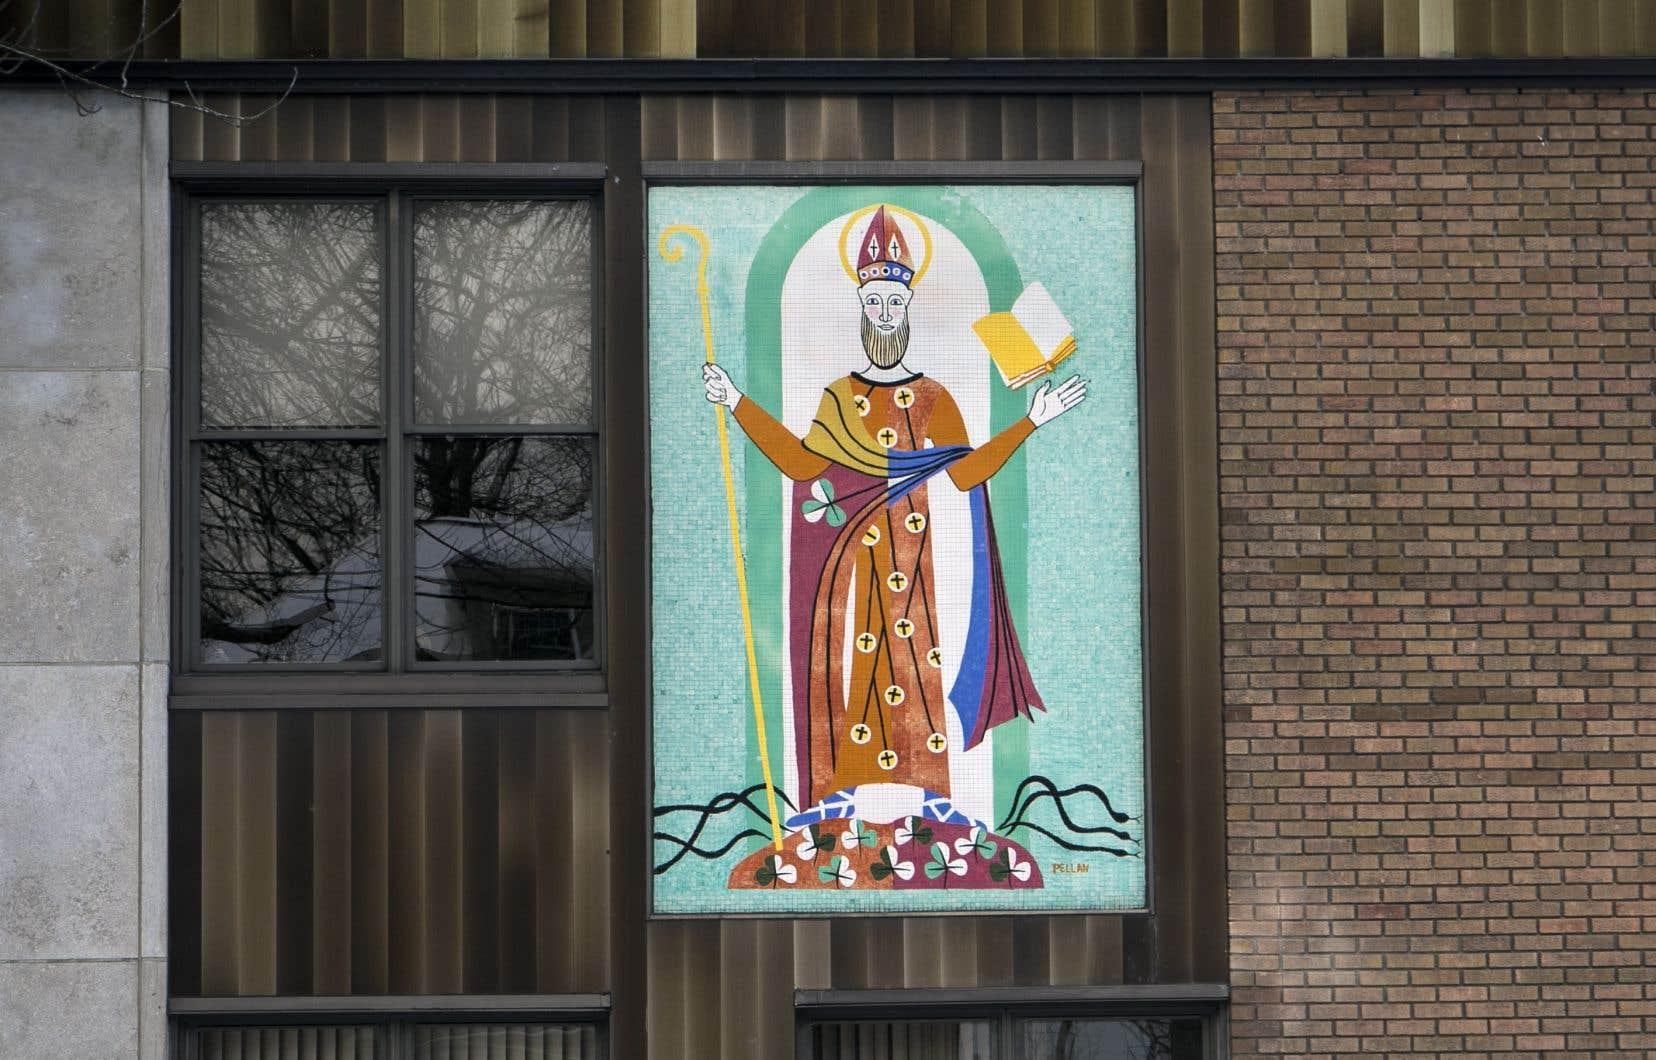 La murale conçue par Alfred Pellan en 1958 et installée sur la façade du 142 rue Dufferin, à Granby, représente un saint Patrick stylisé, réalisé sous forme de mosaïque.